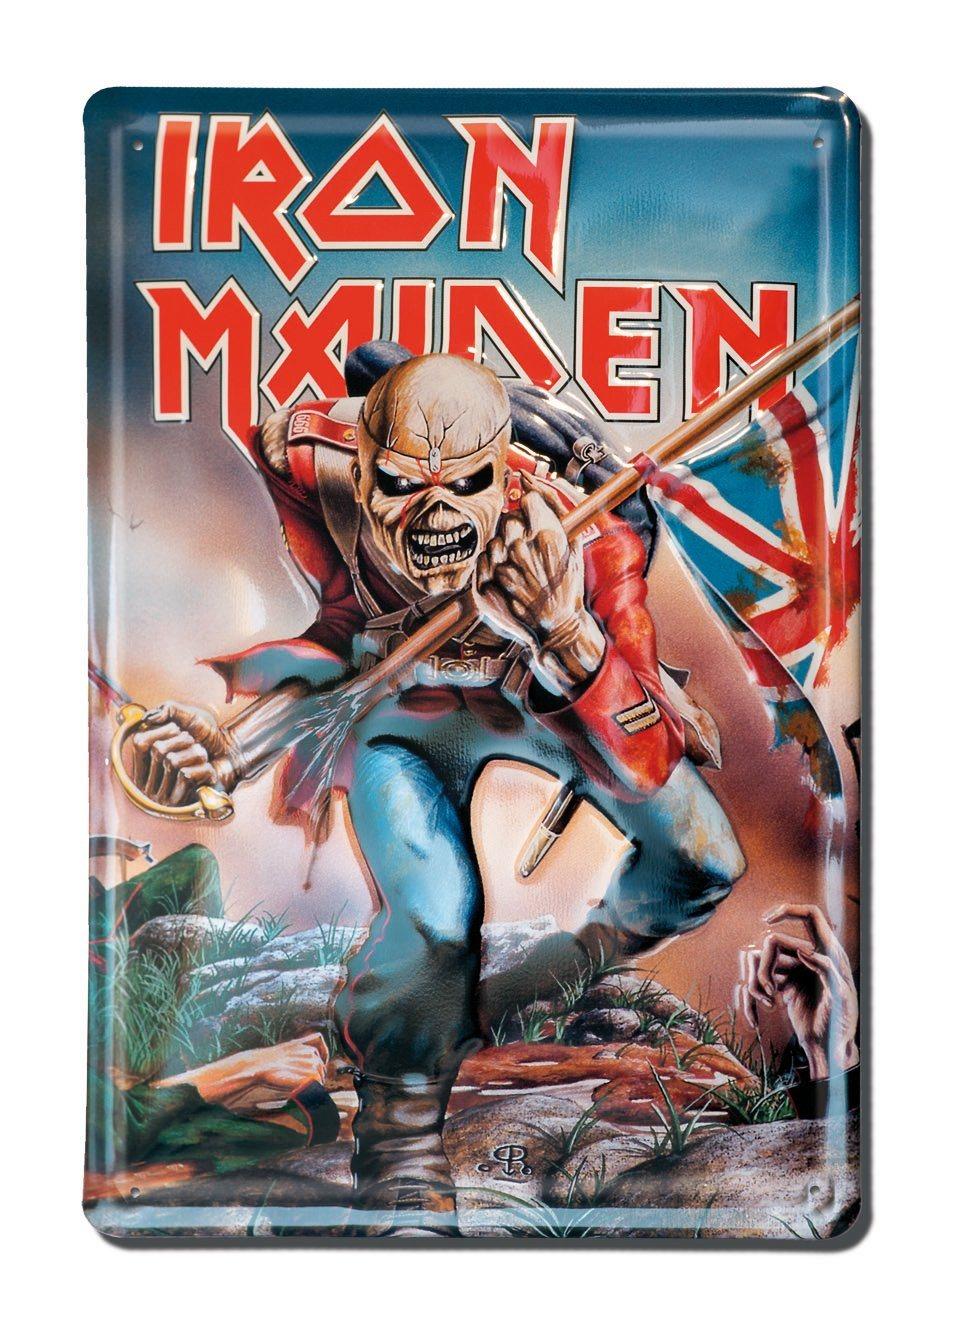 Retro-Blechschild von Iron Maiden